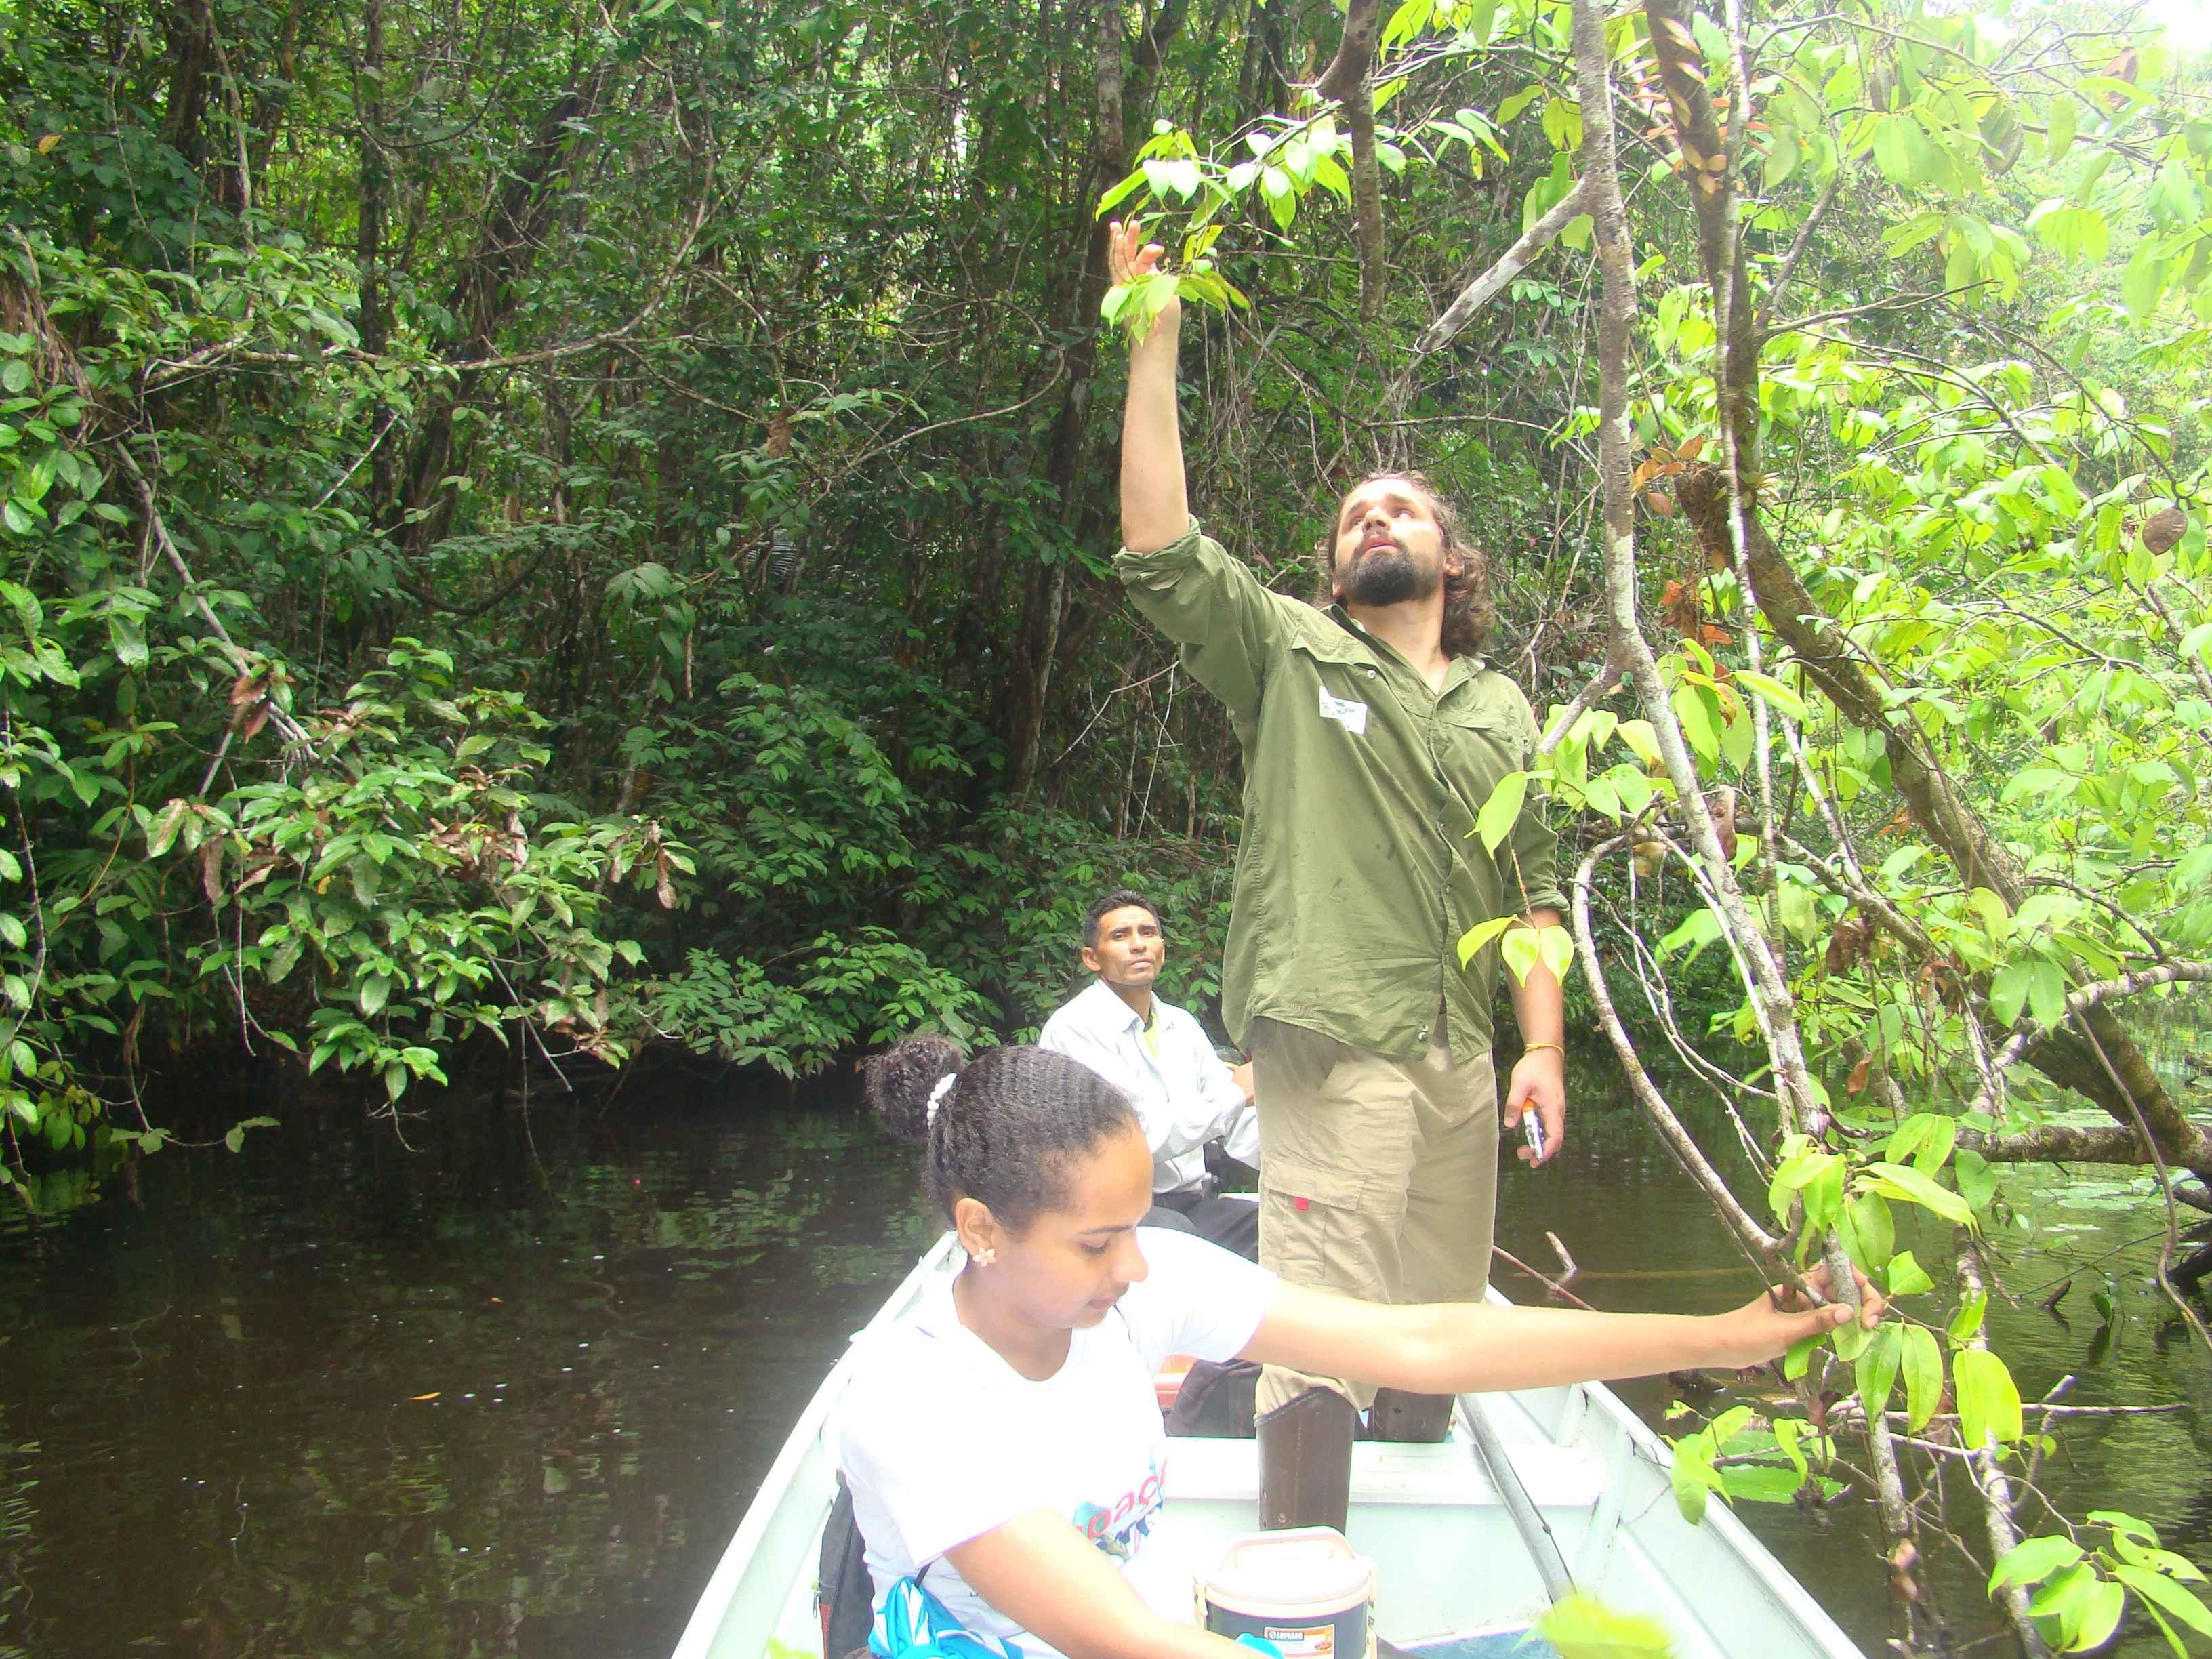 Danilo Neves coleta na Floresta Nacional de Caxiuanã, no Pará